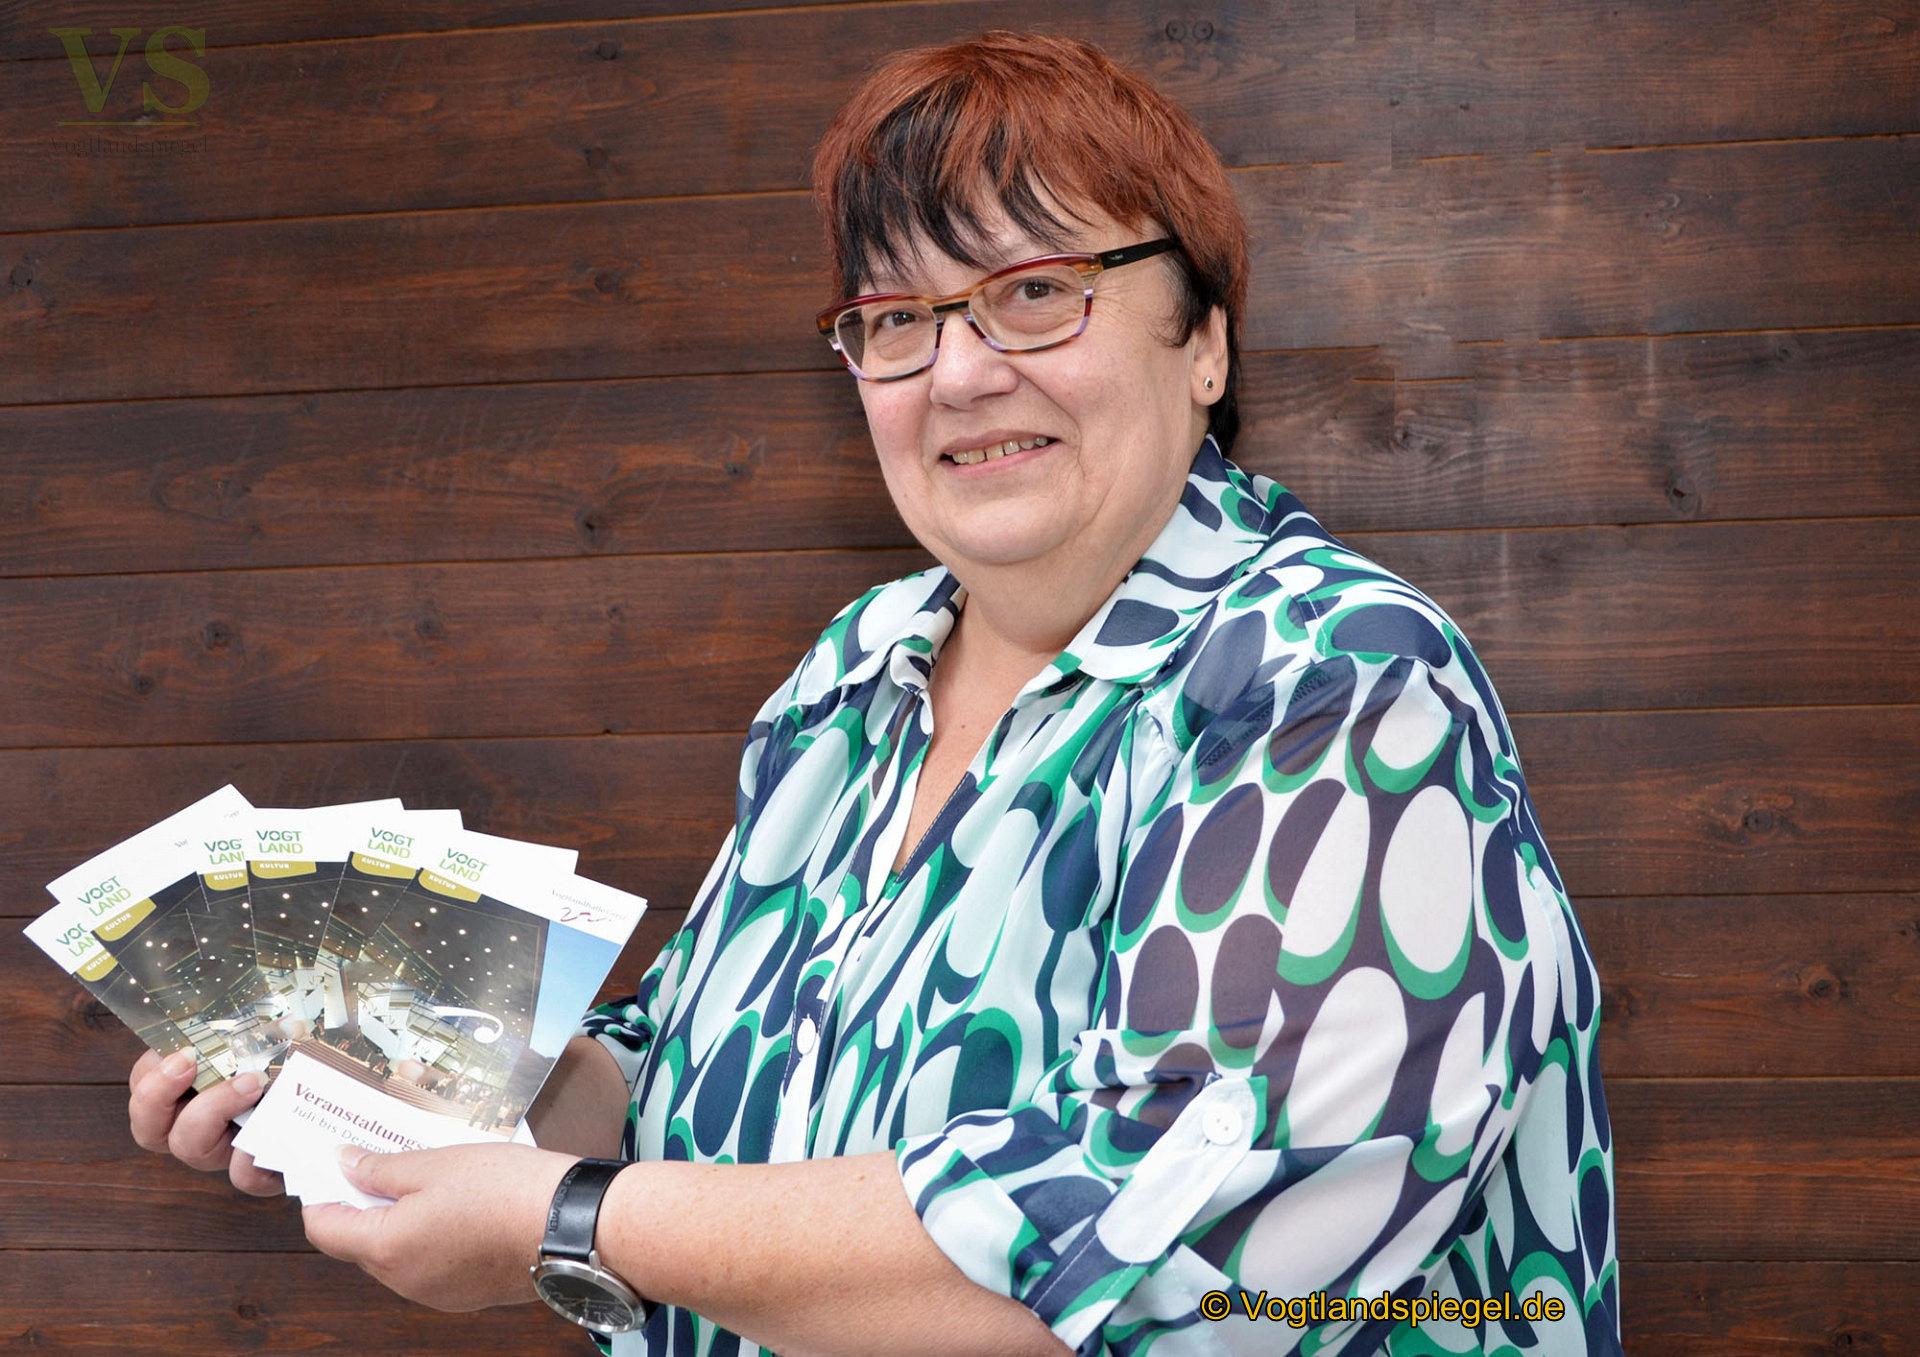 Die Leiterin der Vogtlandhalle Greiz, Undine Hohmuth, präsentiert den Veranstaltungsplan des Hauses.